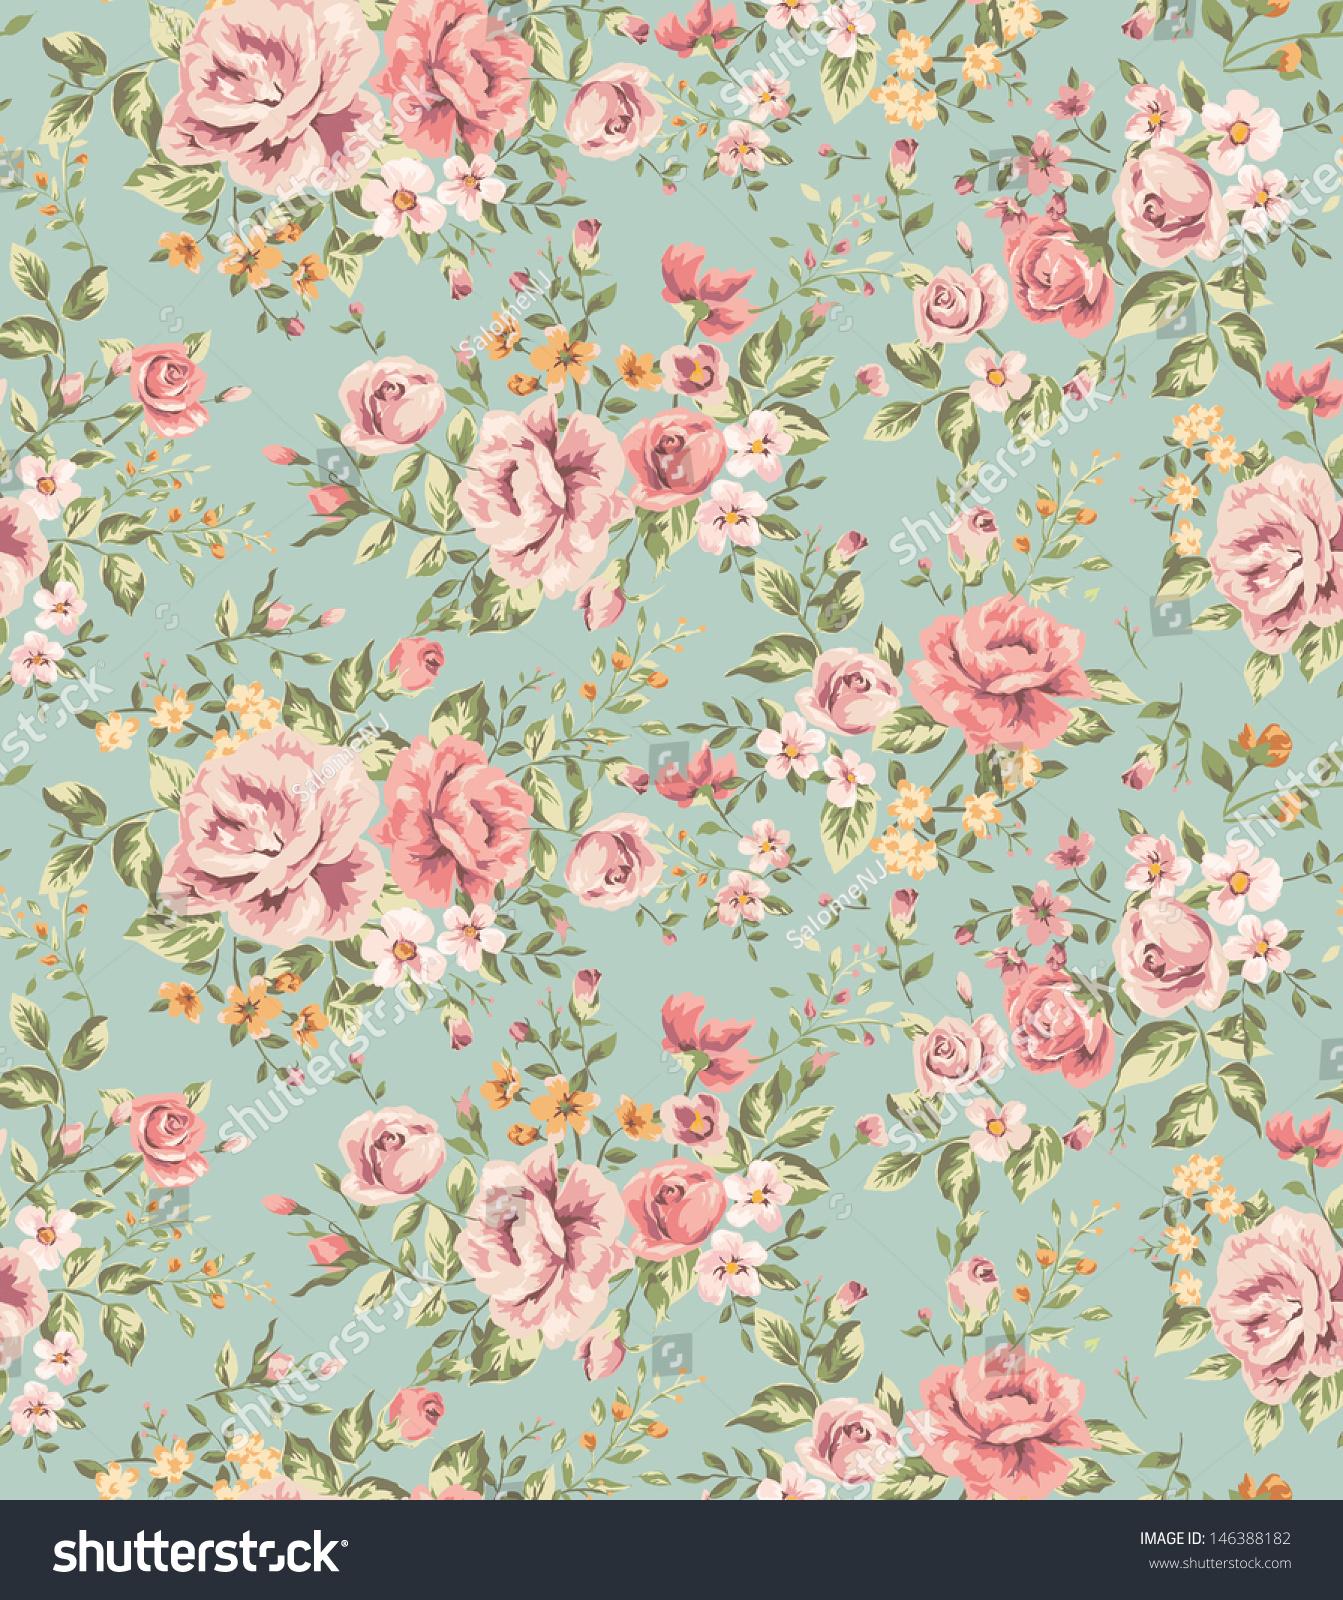 papel tapiz cl sico con patr n continuo de flores antiguas